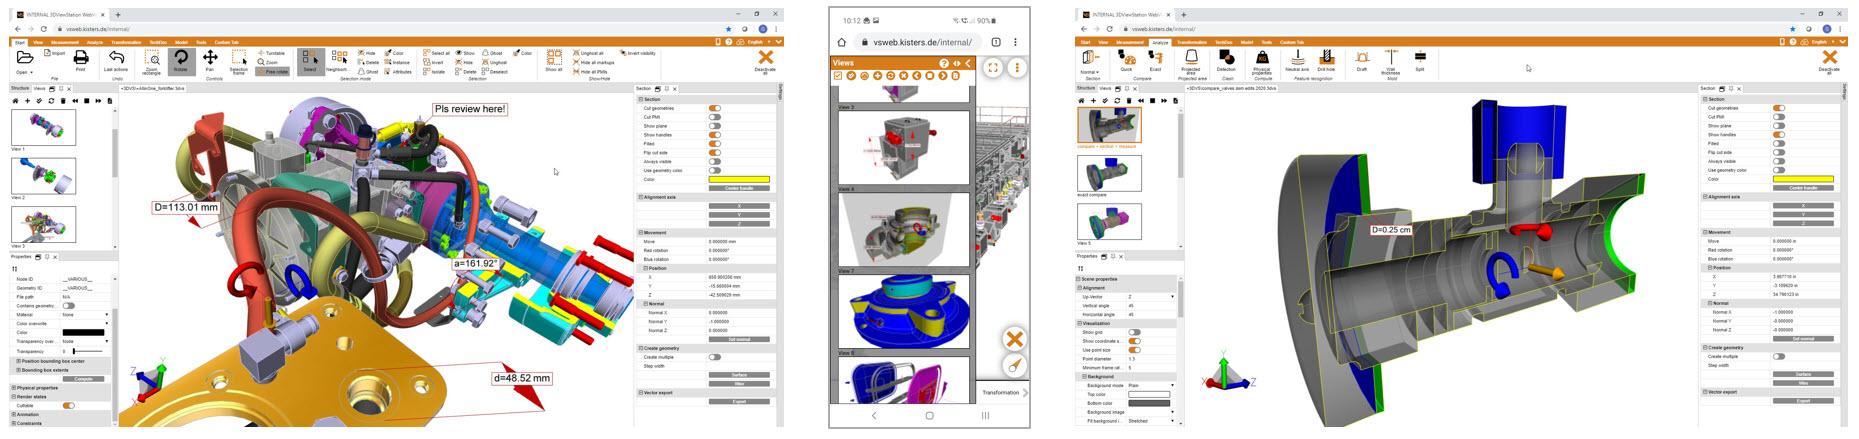 3DViewStation WebViewer version 2020.1 screen captures